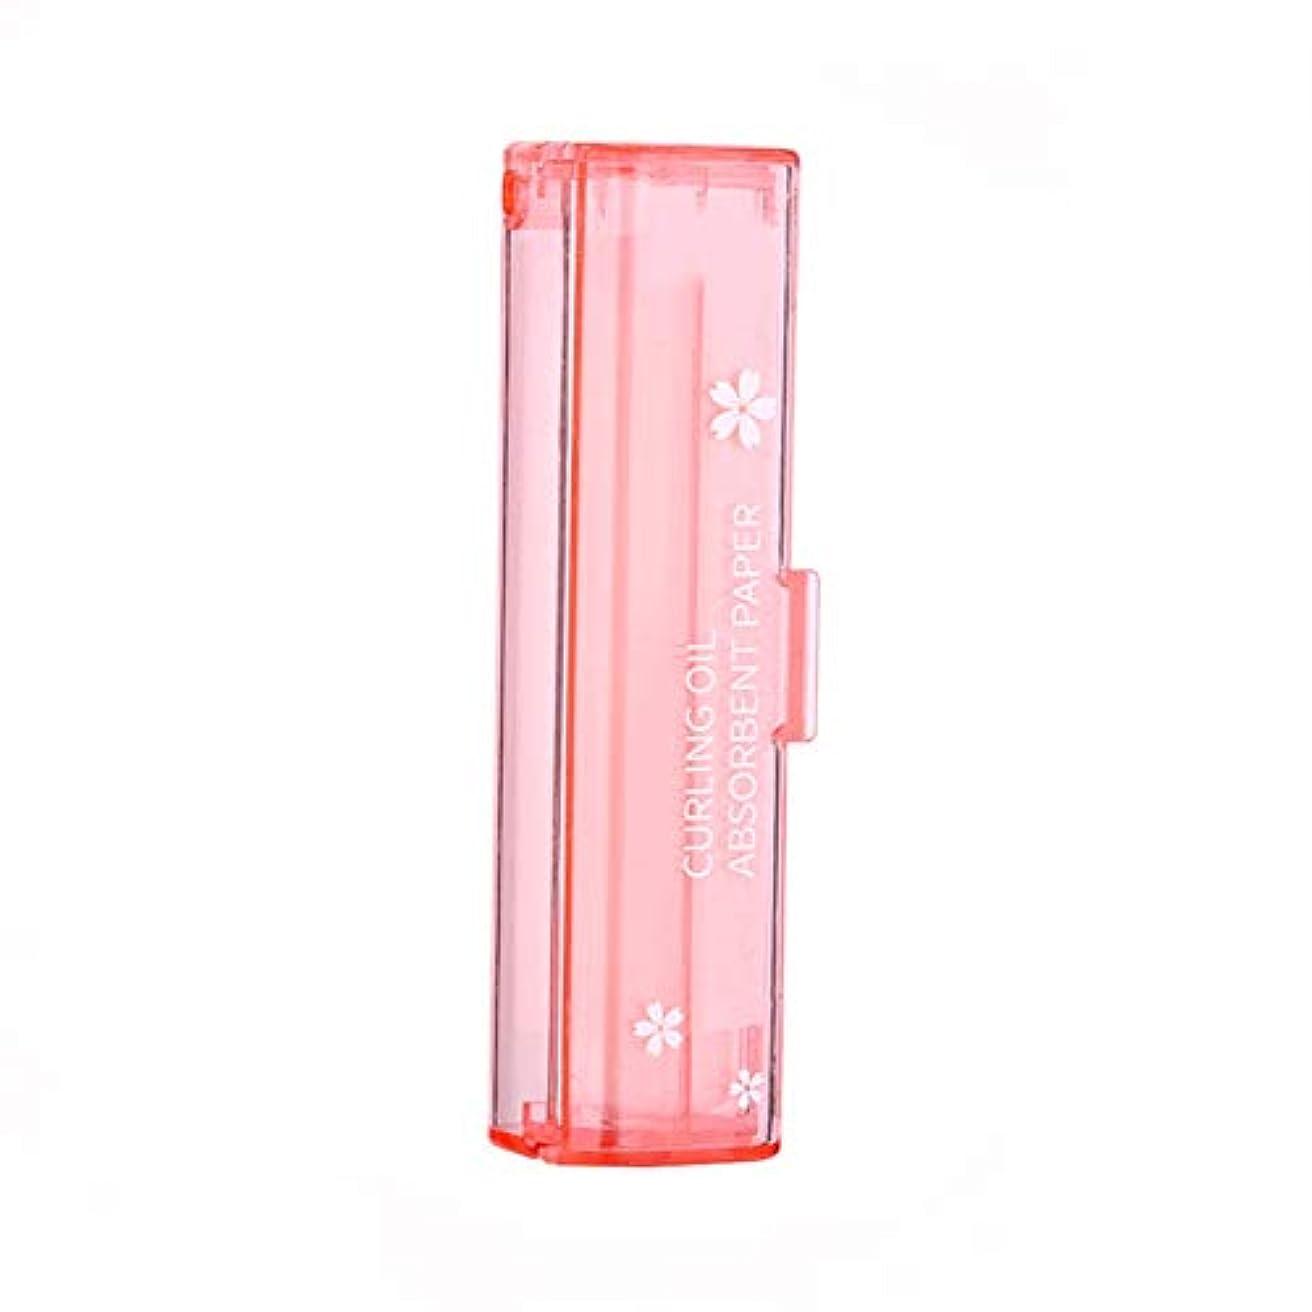 ジョットディボンドンやりすぎ落とし穴Tuonar 3本ローラーオイル吸収紙オイルコントロールソフトフェイスオイル吸収シートオイルブロッティング紙化粧道具アクセサリー